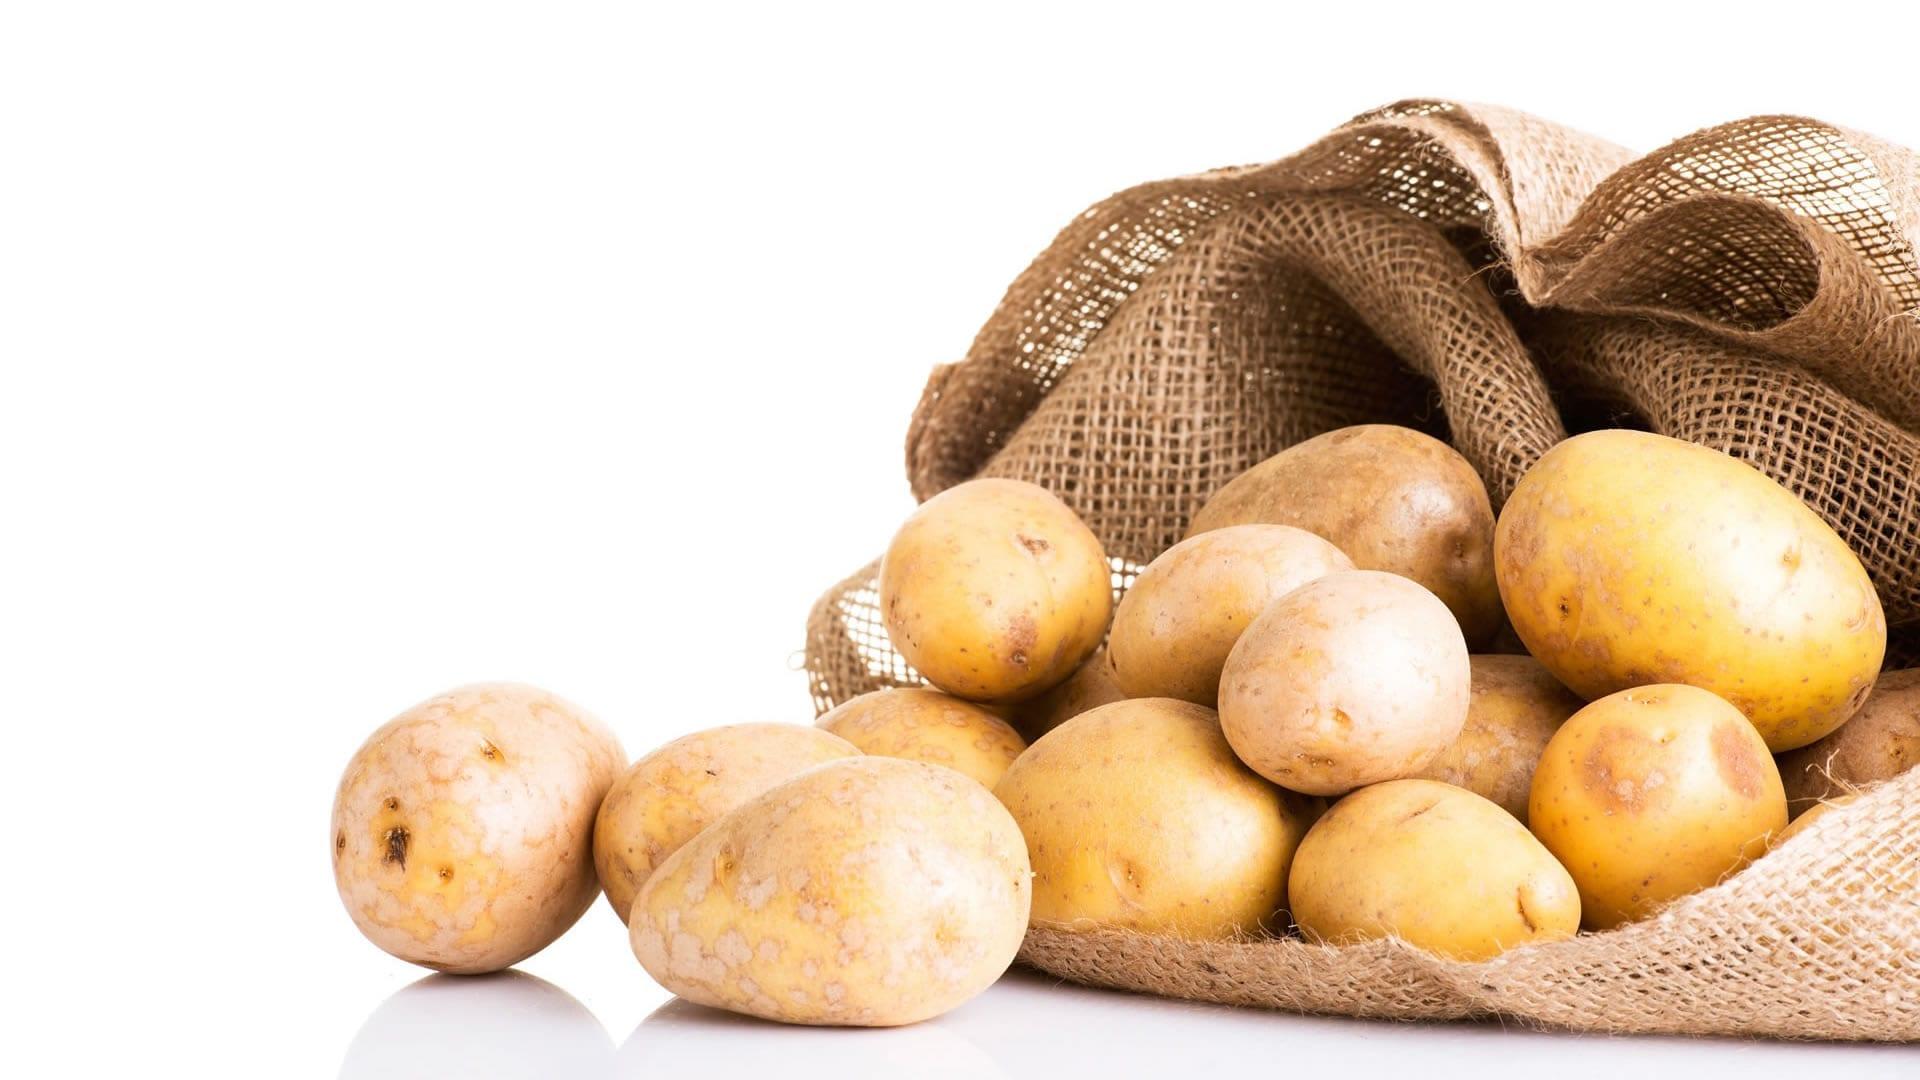 como cocinar las patatas cambiatufisico On cocinar patatas